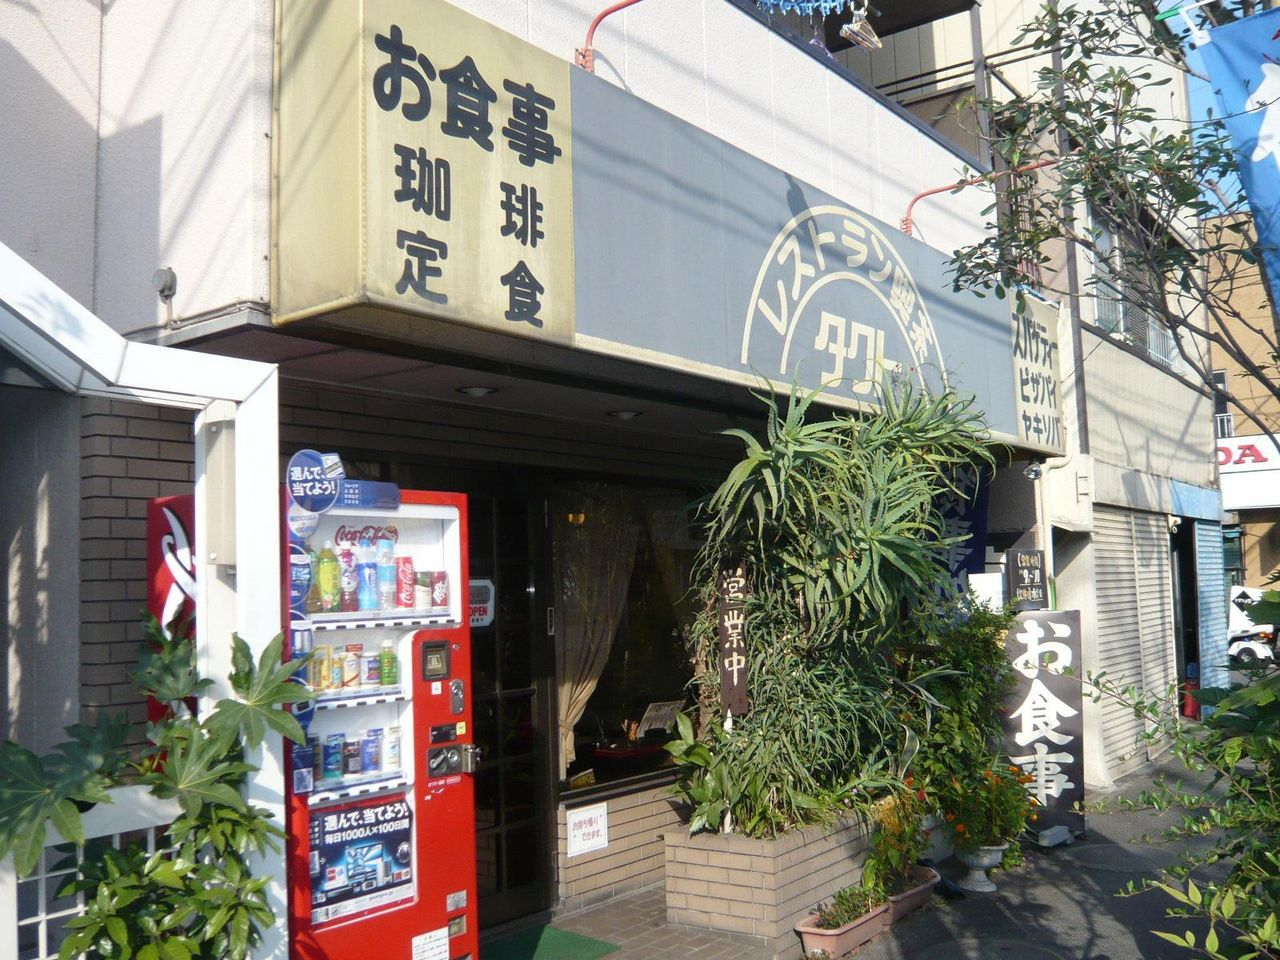 昭和を感じさせる喫茶店です。